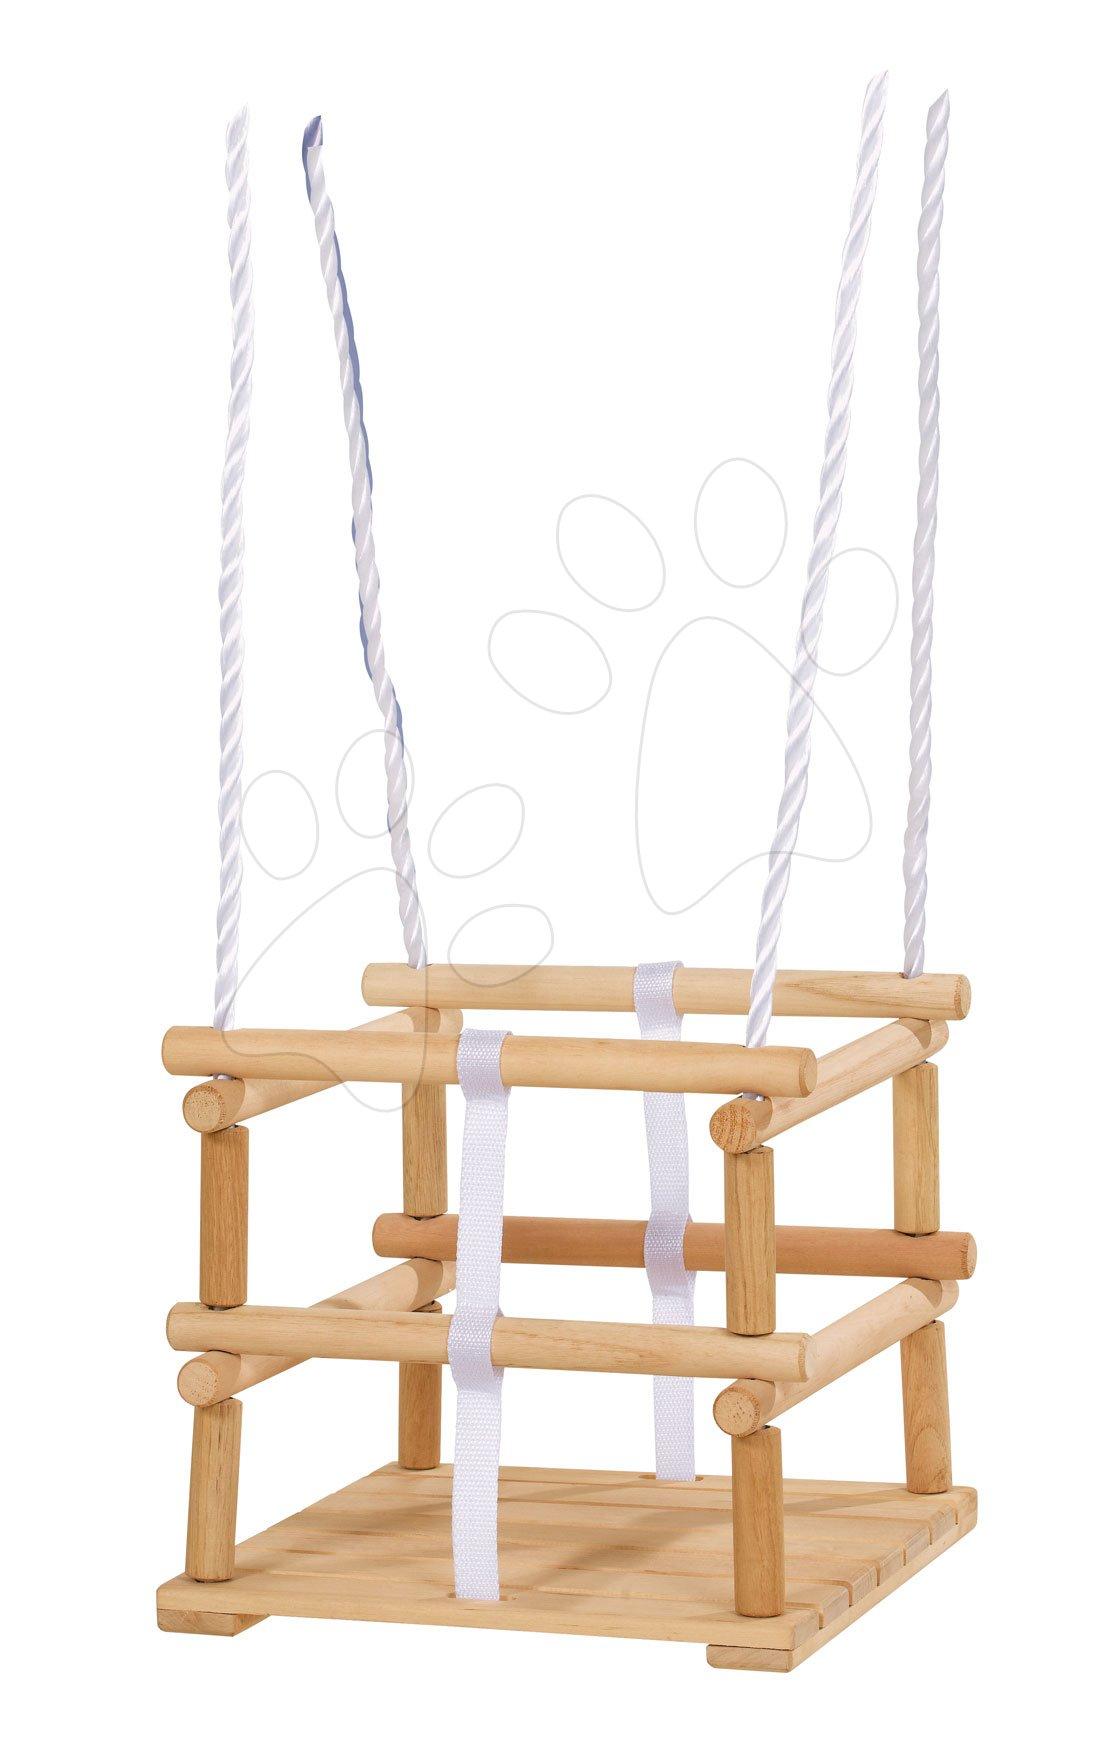 Ljuljačke  - Drvena ljuljačka Wooden Baby Swing Outdoor Eichhorn prirodna dužine 140-210 cm sa sjedalicom 30*30 cm i 20 kg nosivosti od 12 mjeseci